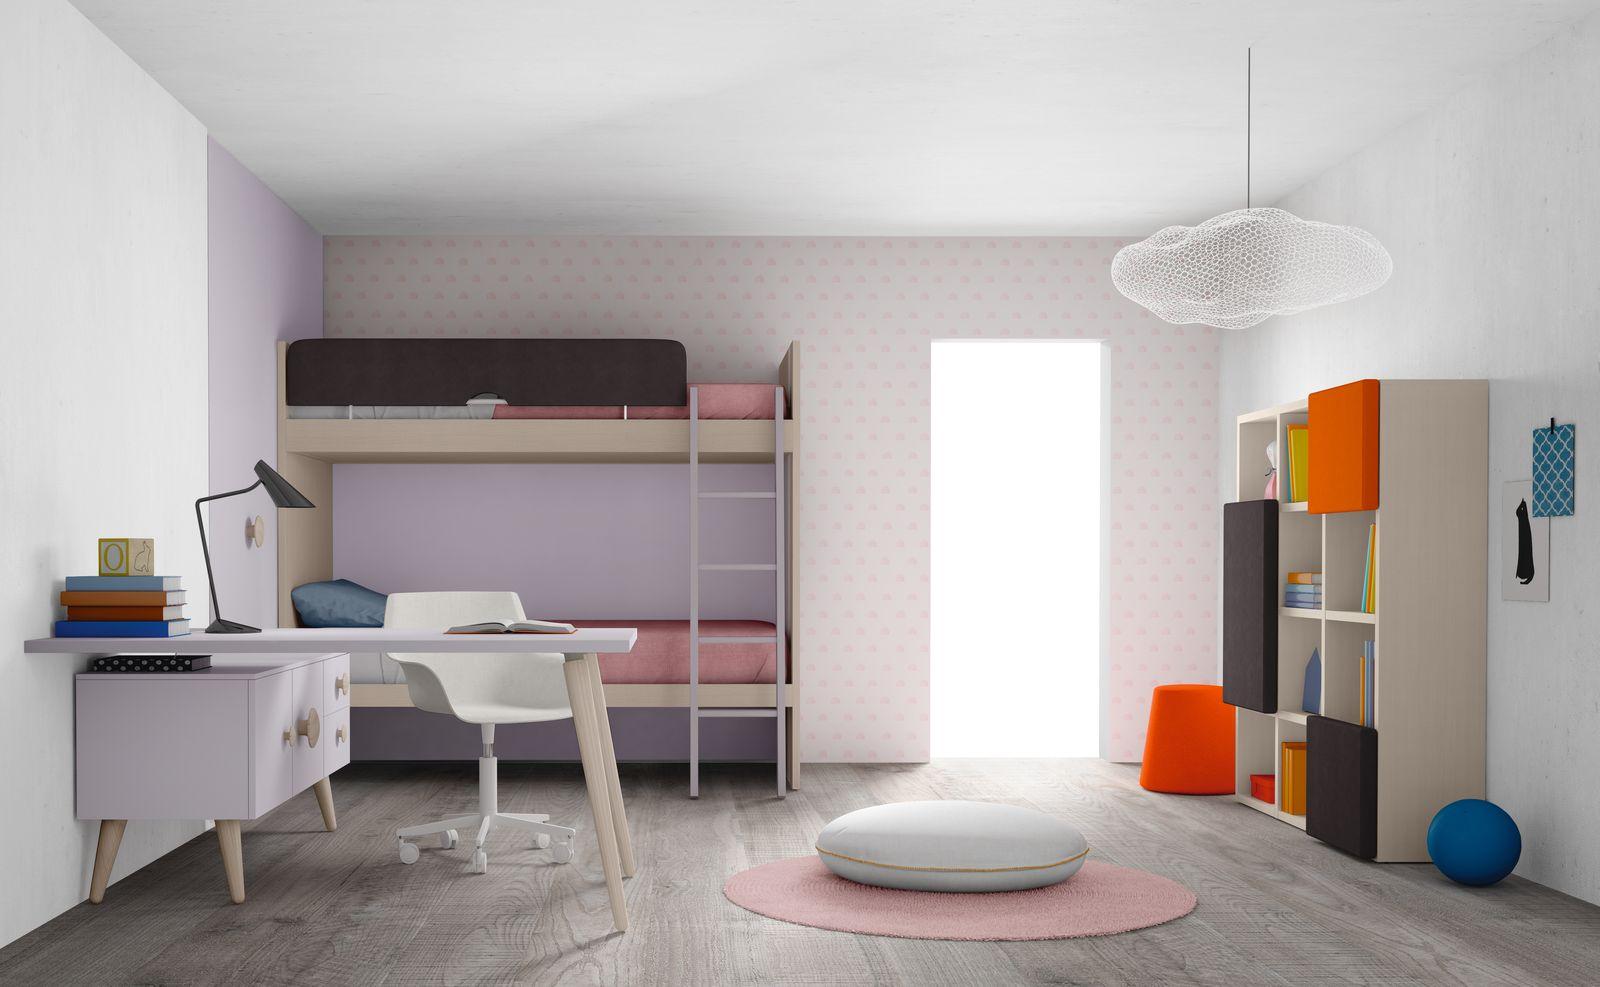 Maatwerk kinderslaapkamers, tienerslaapkamers, kasten, woonkamers ...